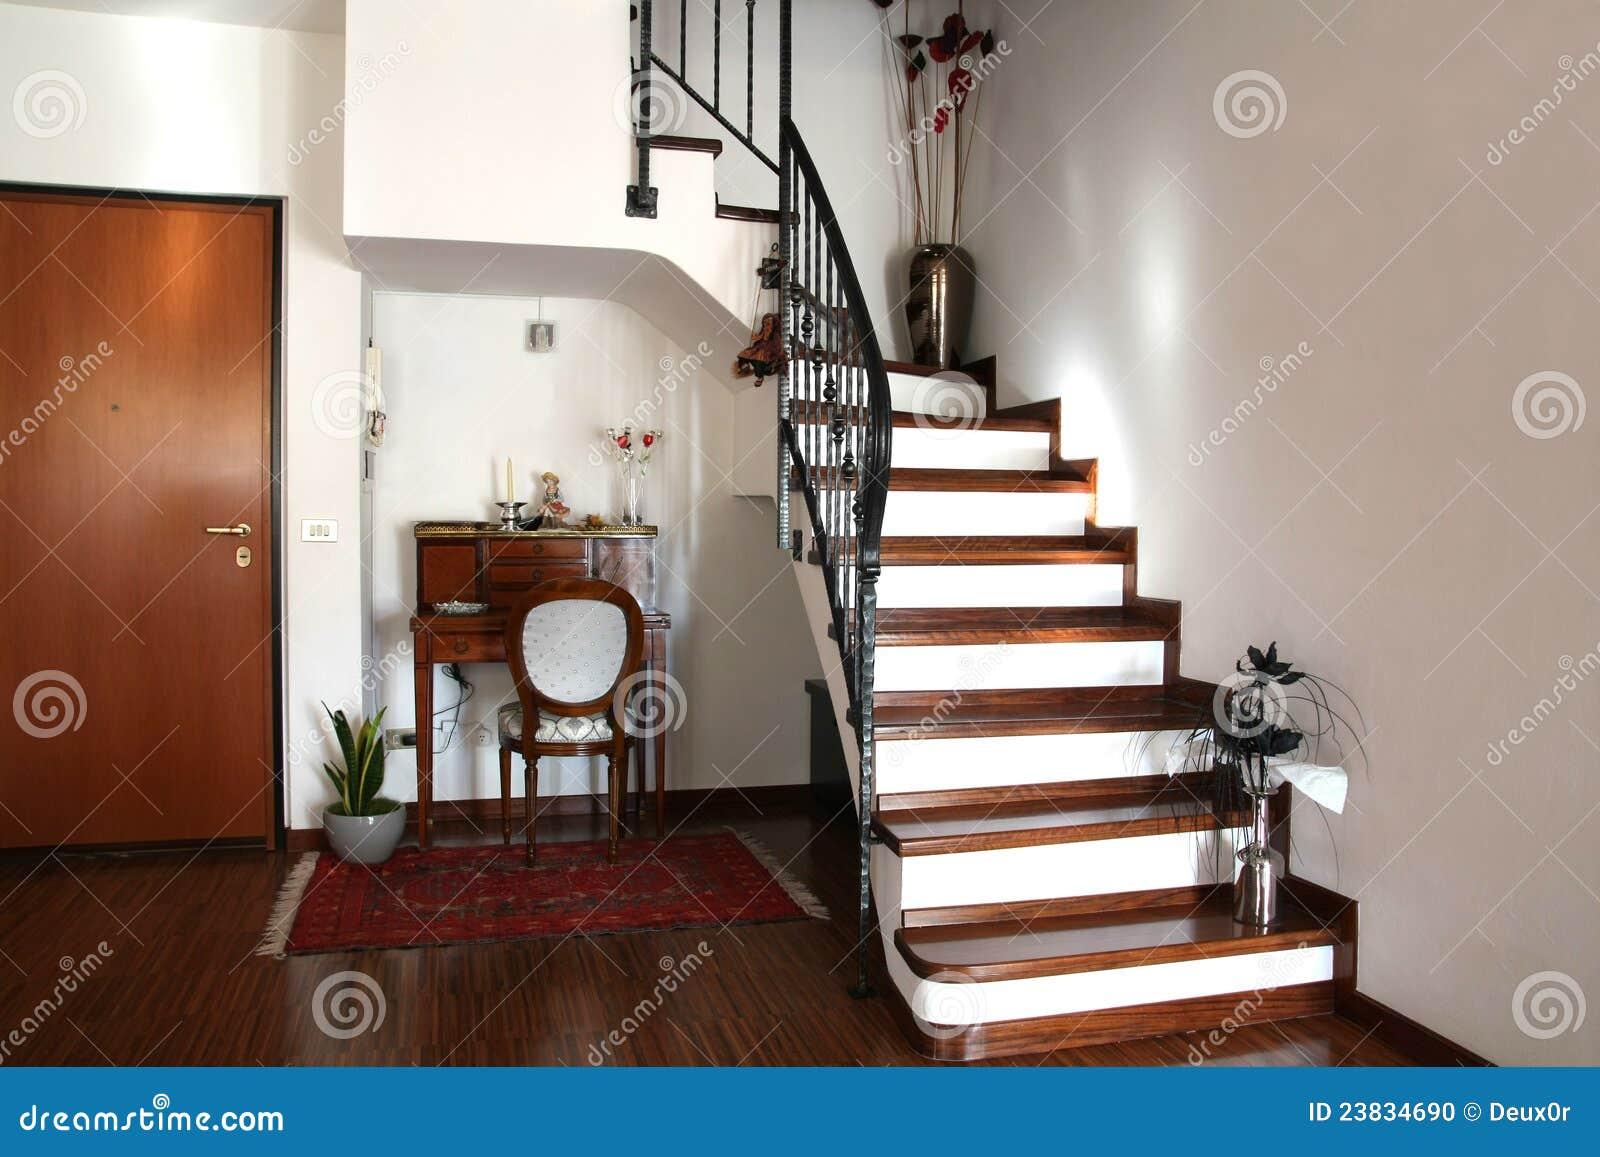 Decoraci n interior de un cuarto con las escaleras y el - Fotos de escaleras de interior ...